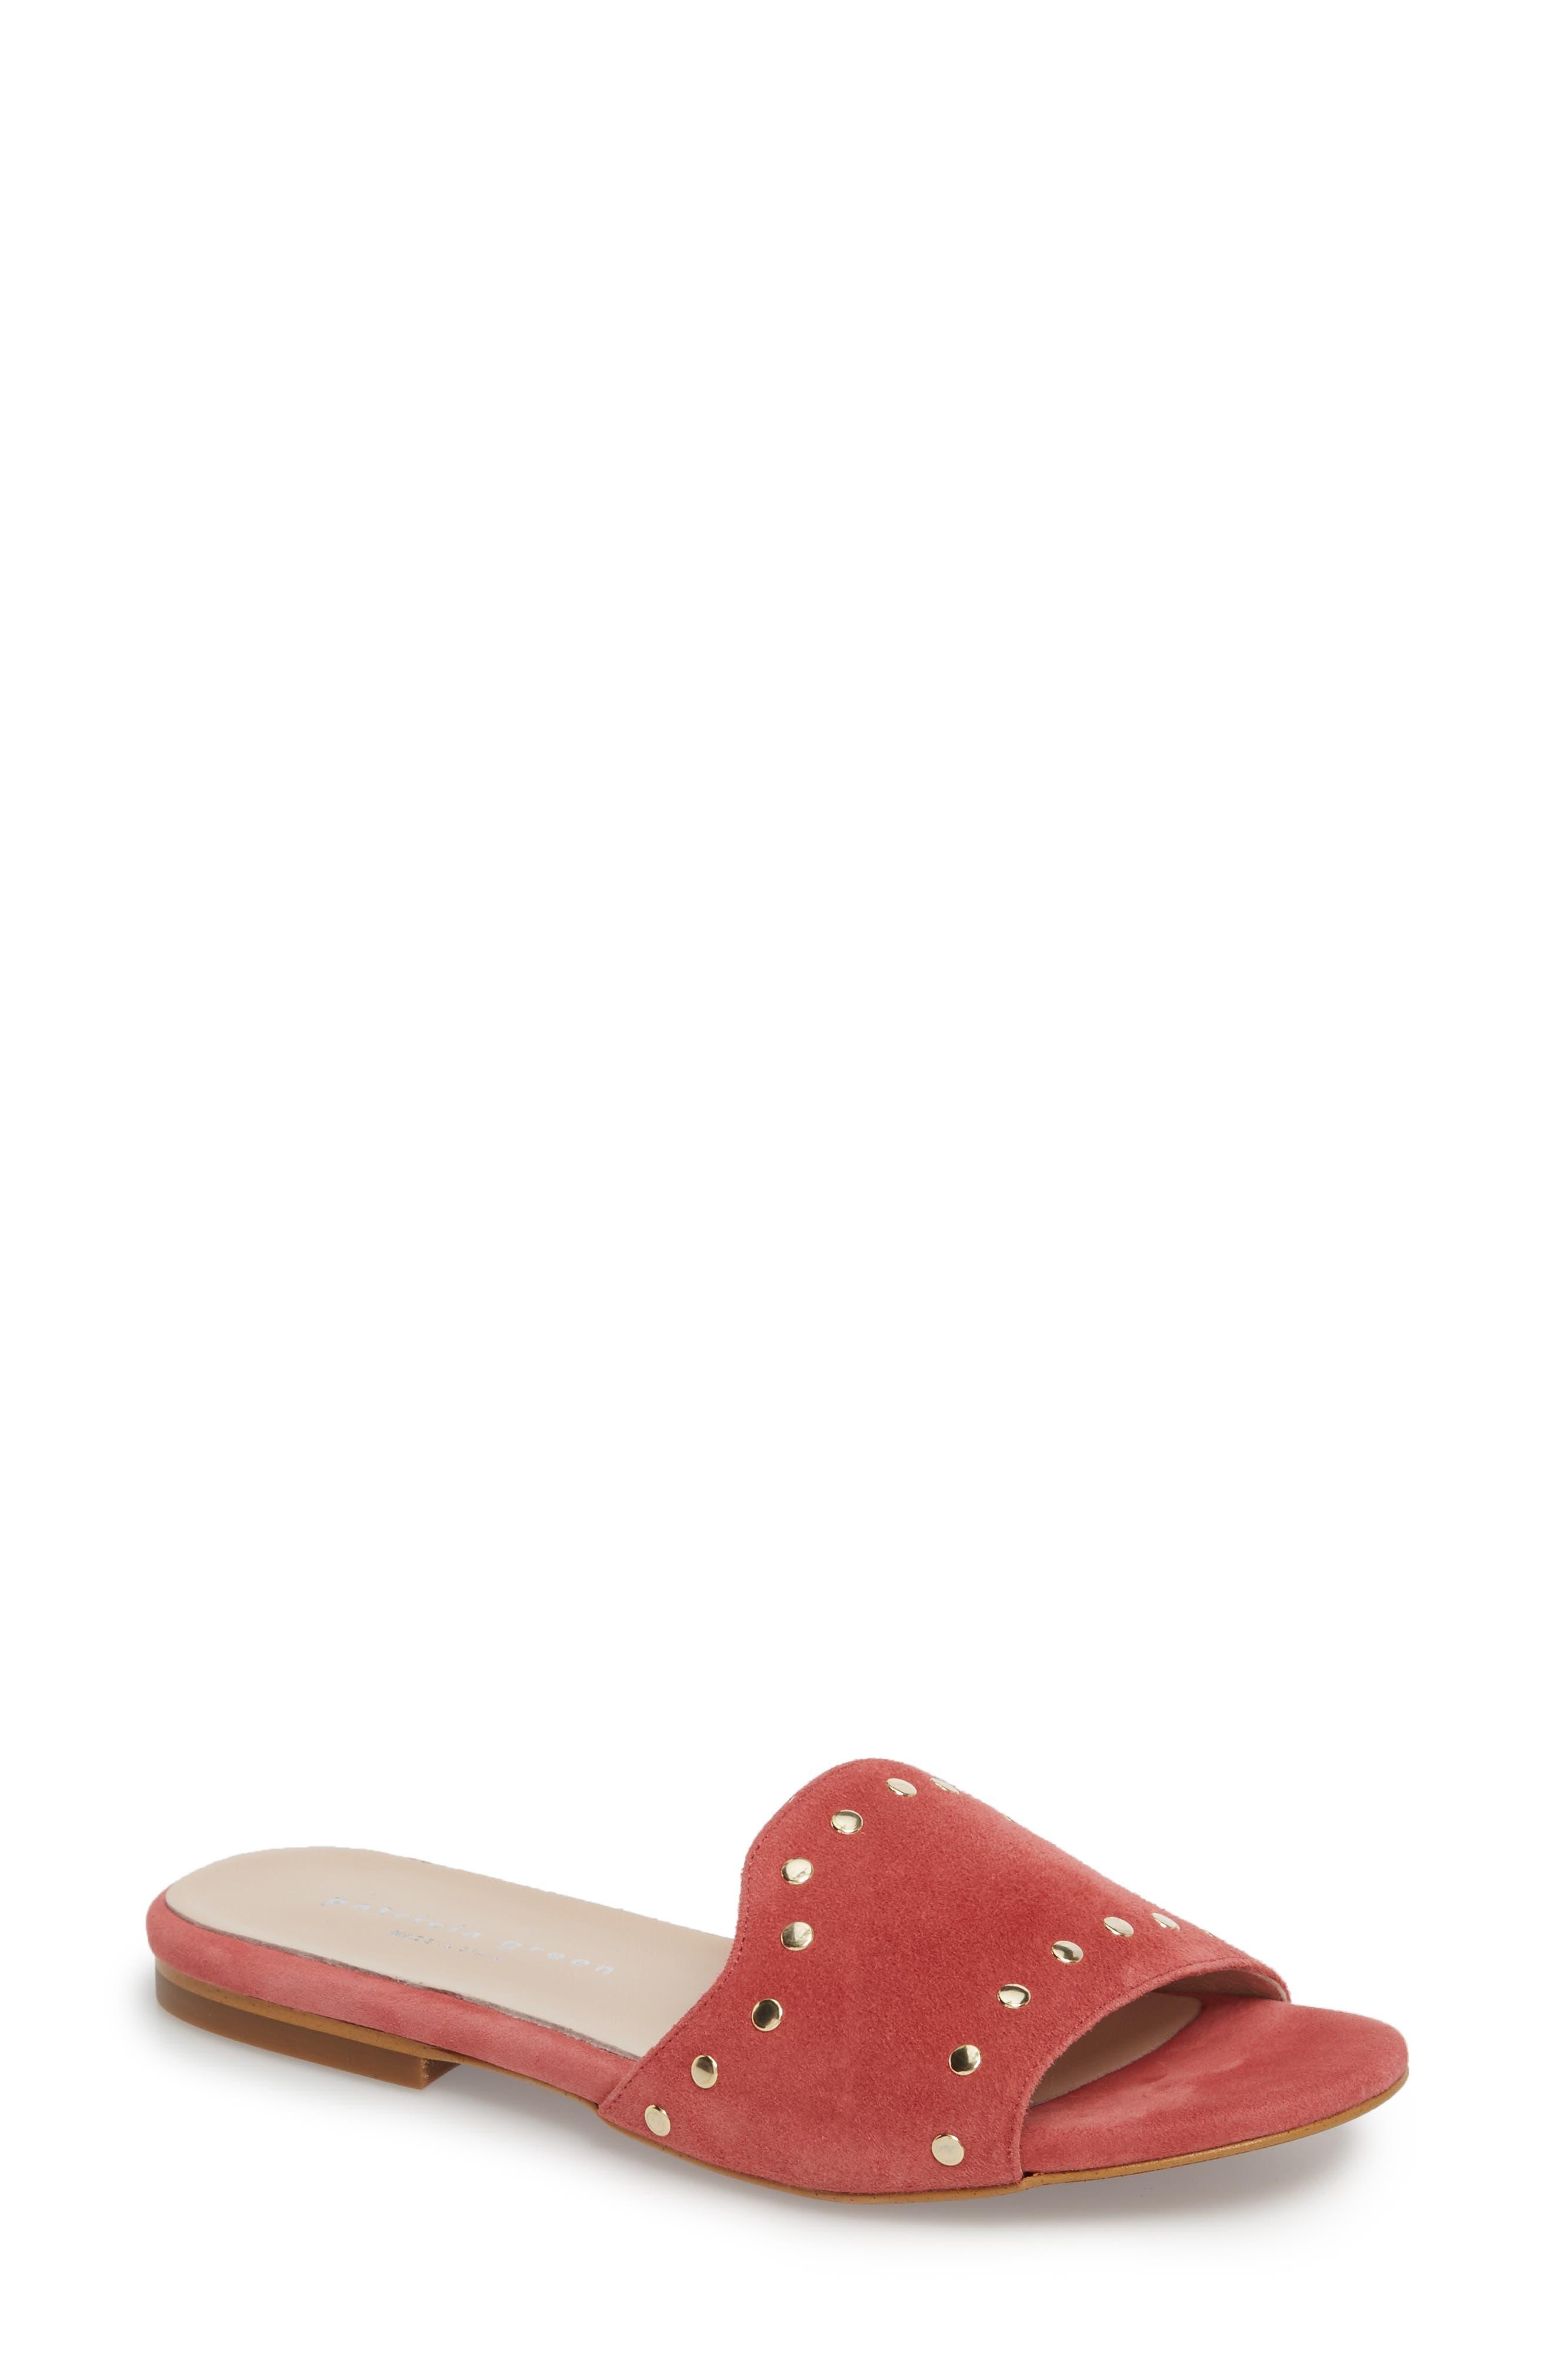 Mira Slide Sandal,                         Main,                         color, Rose Suede